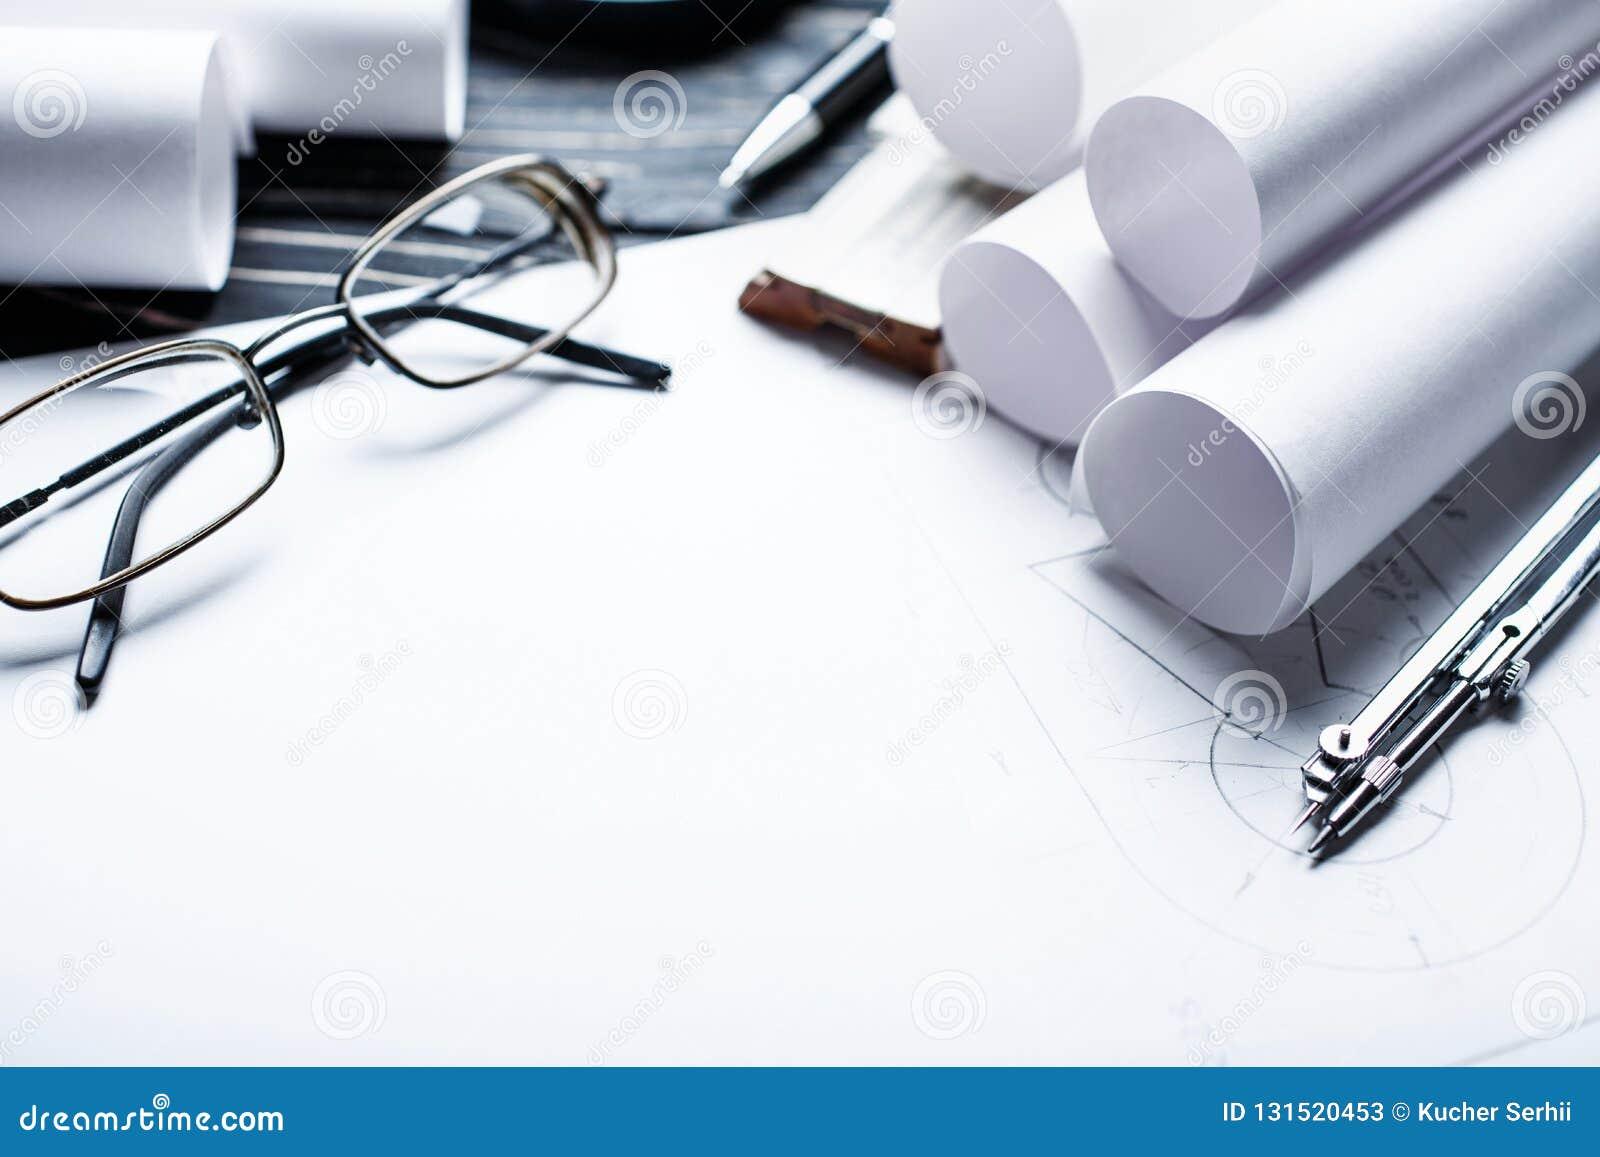 Op de houten lijst zijn er tekeningen, kompassen, potlood, heerser en glazen